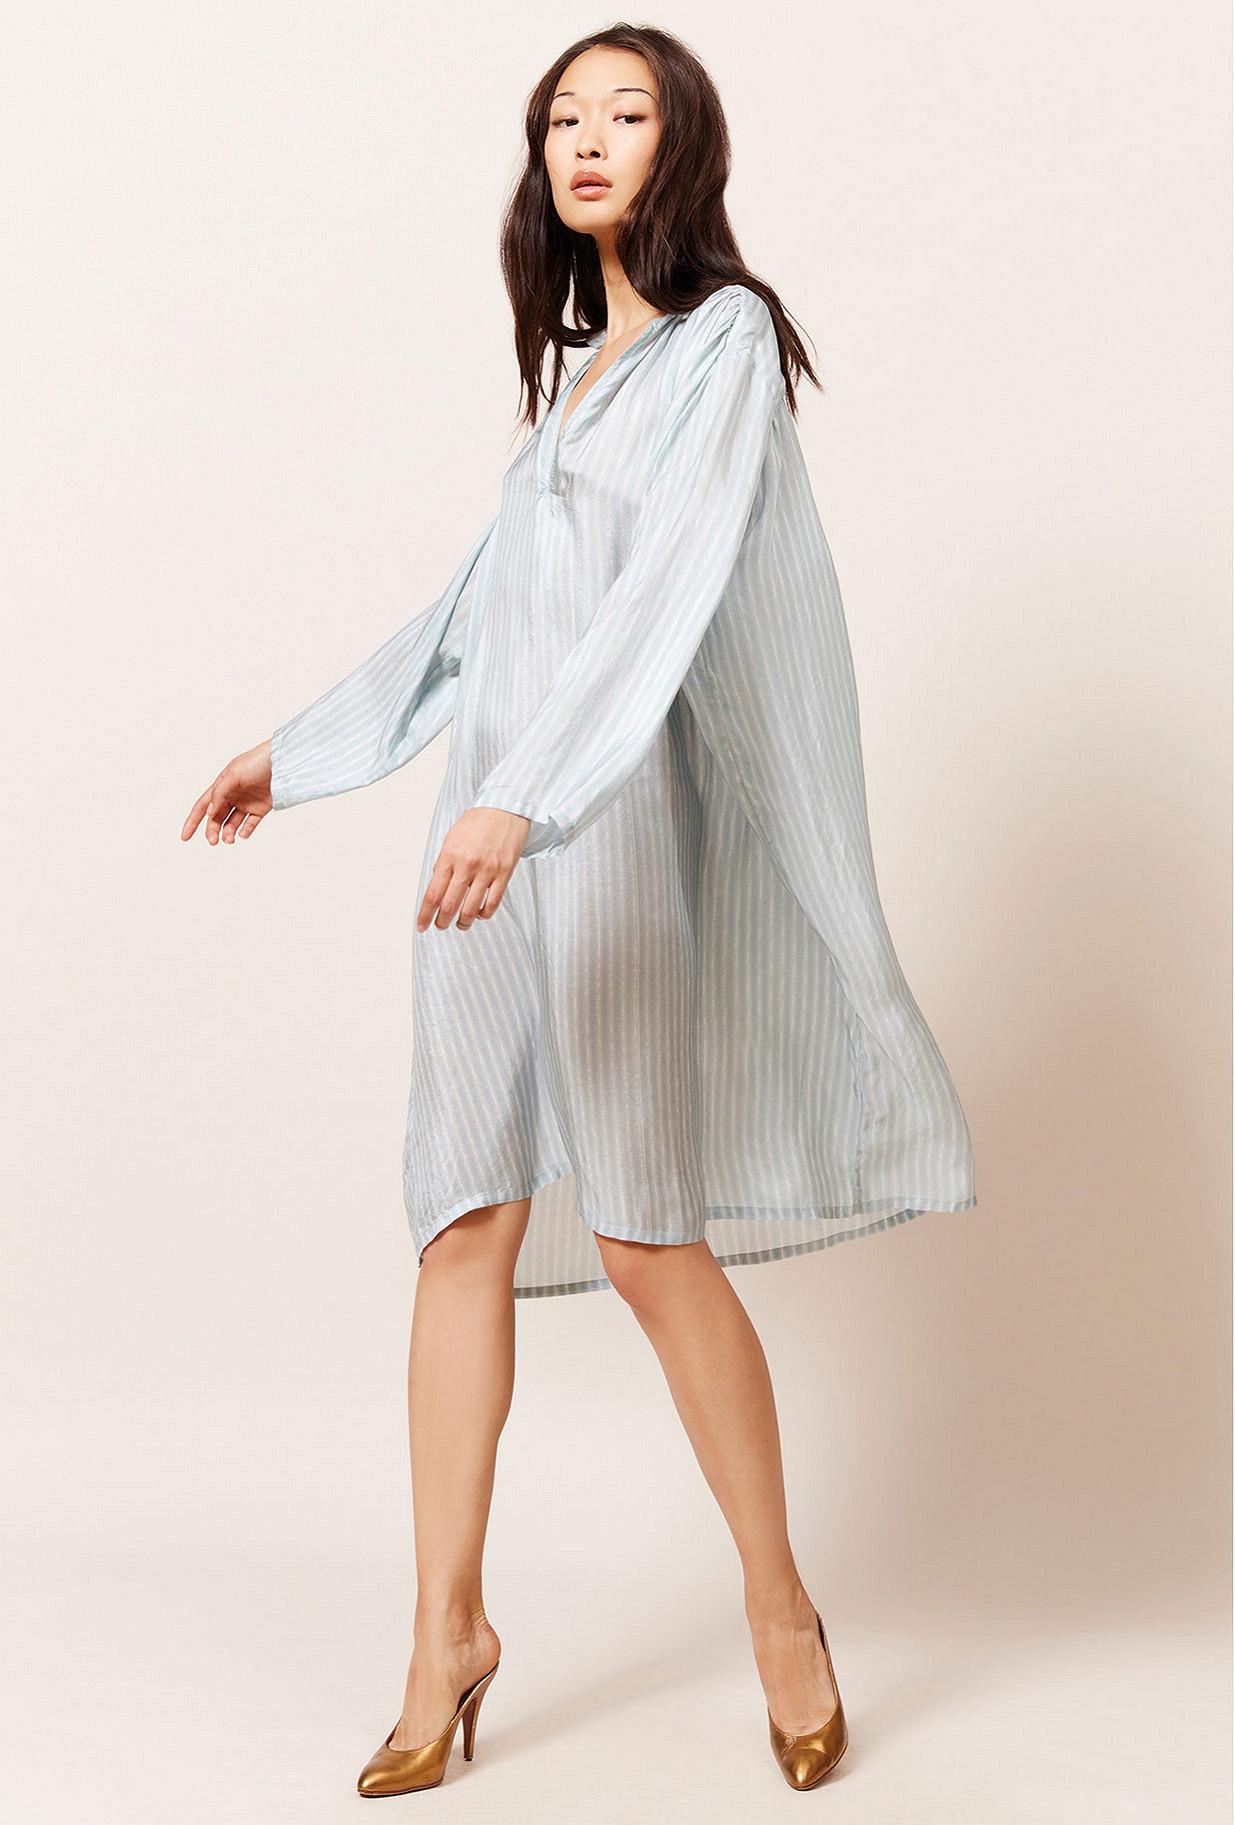 Paris clothes store Dress  Jaswant french designer fashion Paris